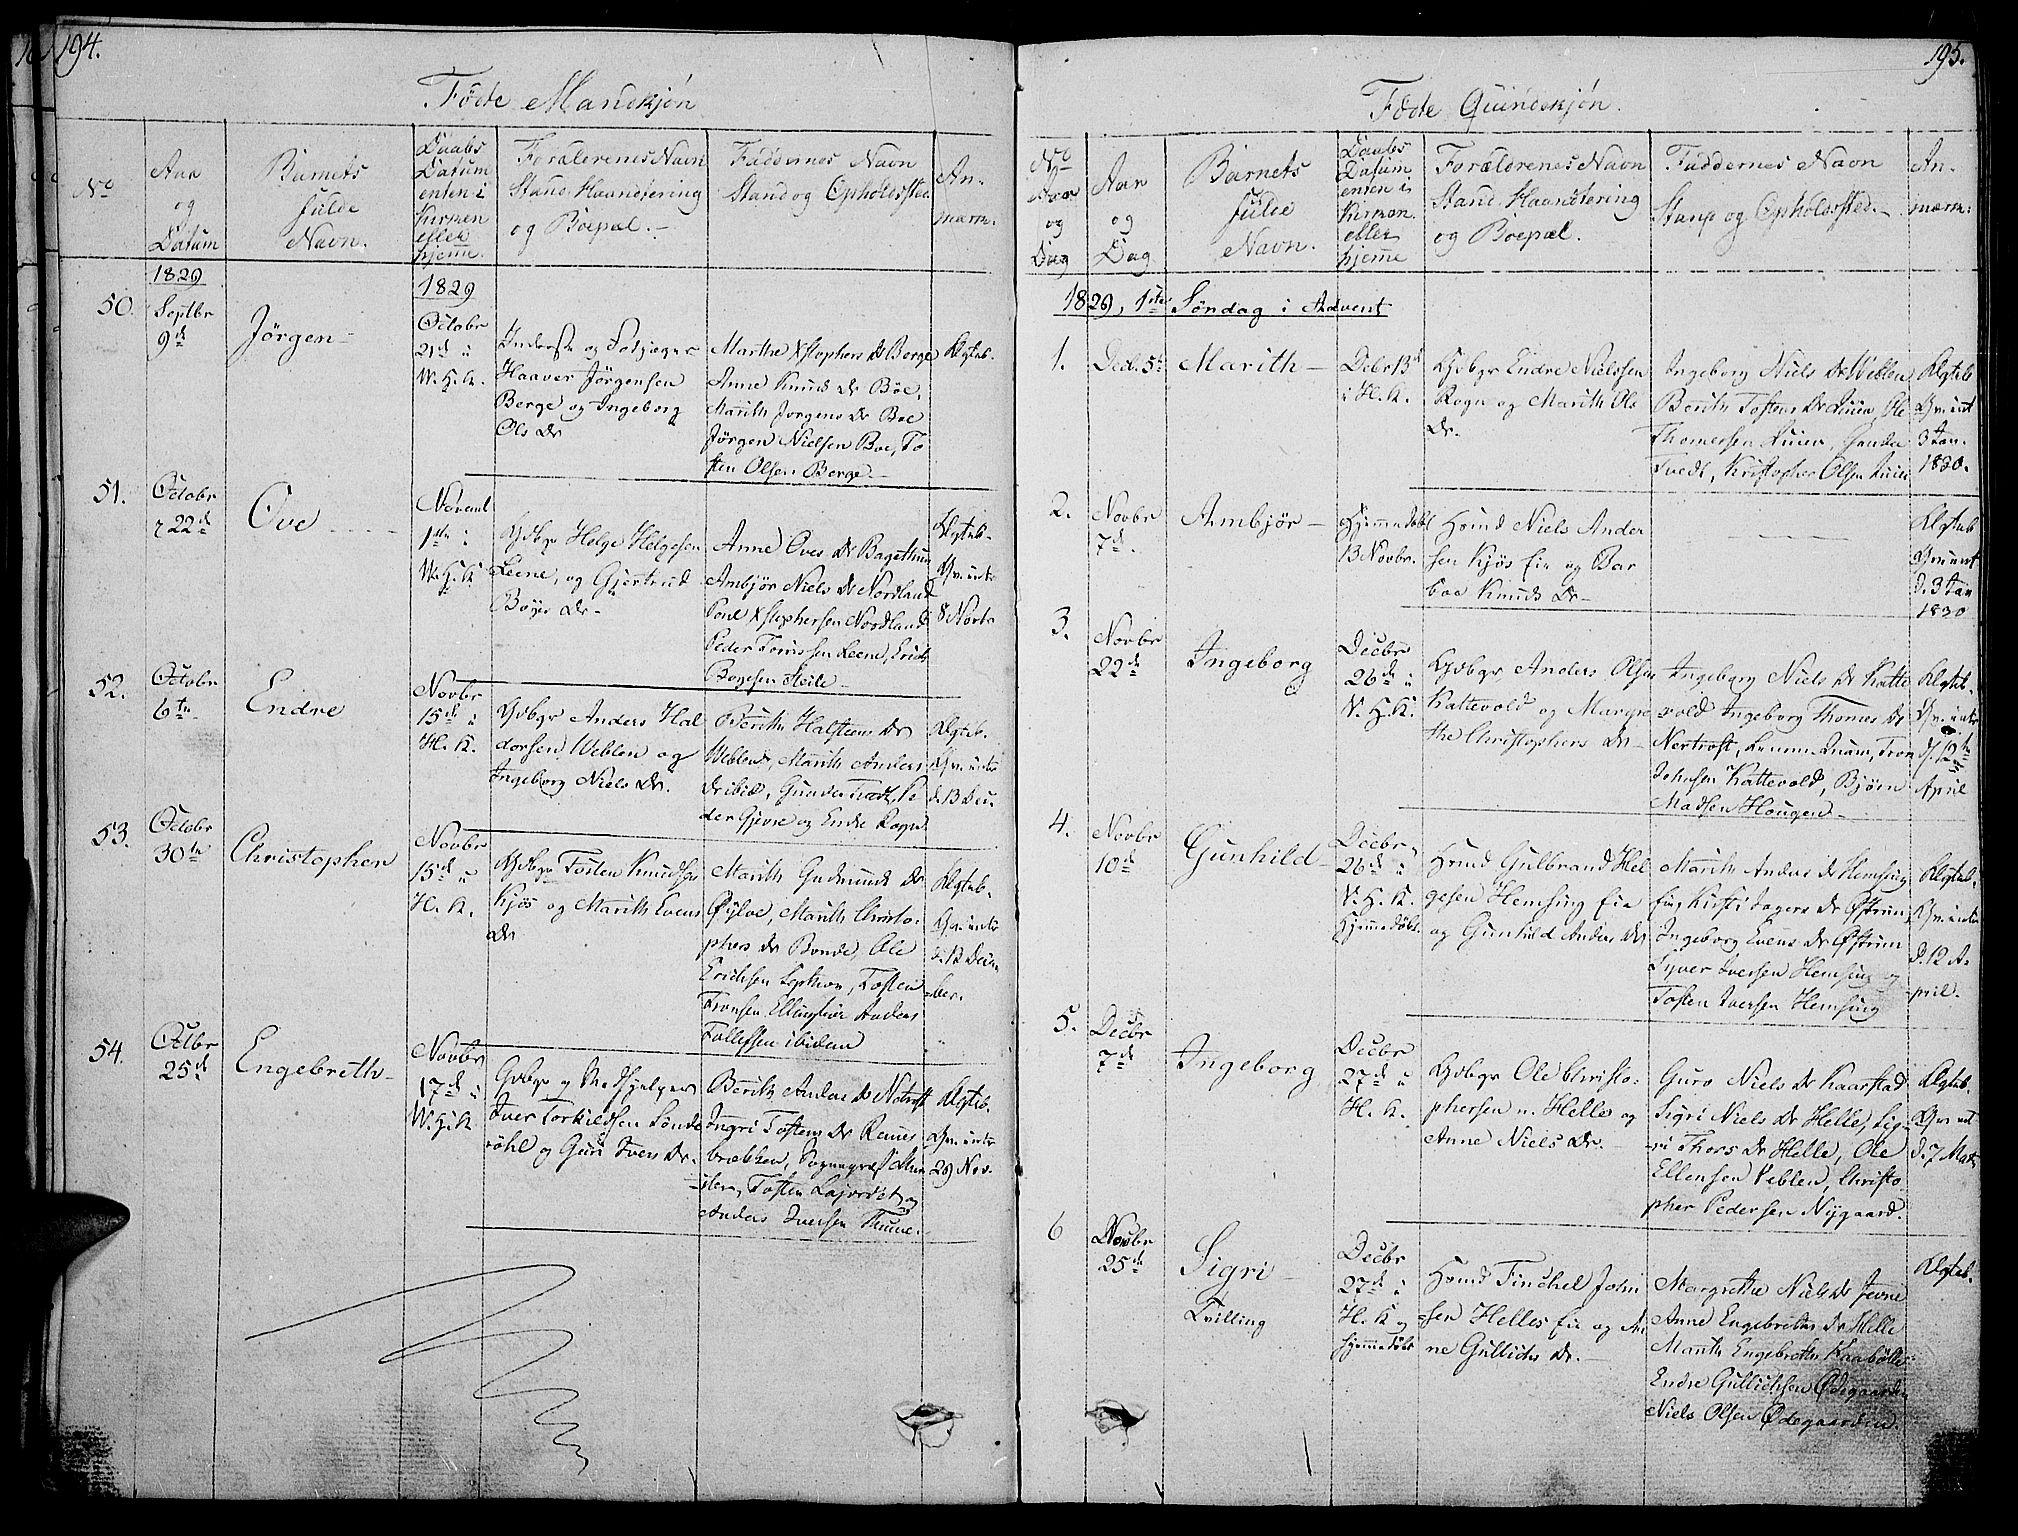 SAH, Vang prestekontor, Valdres, Ministerialbok nr. 3, 1809-1831, s. 194-195